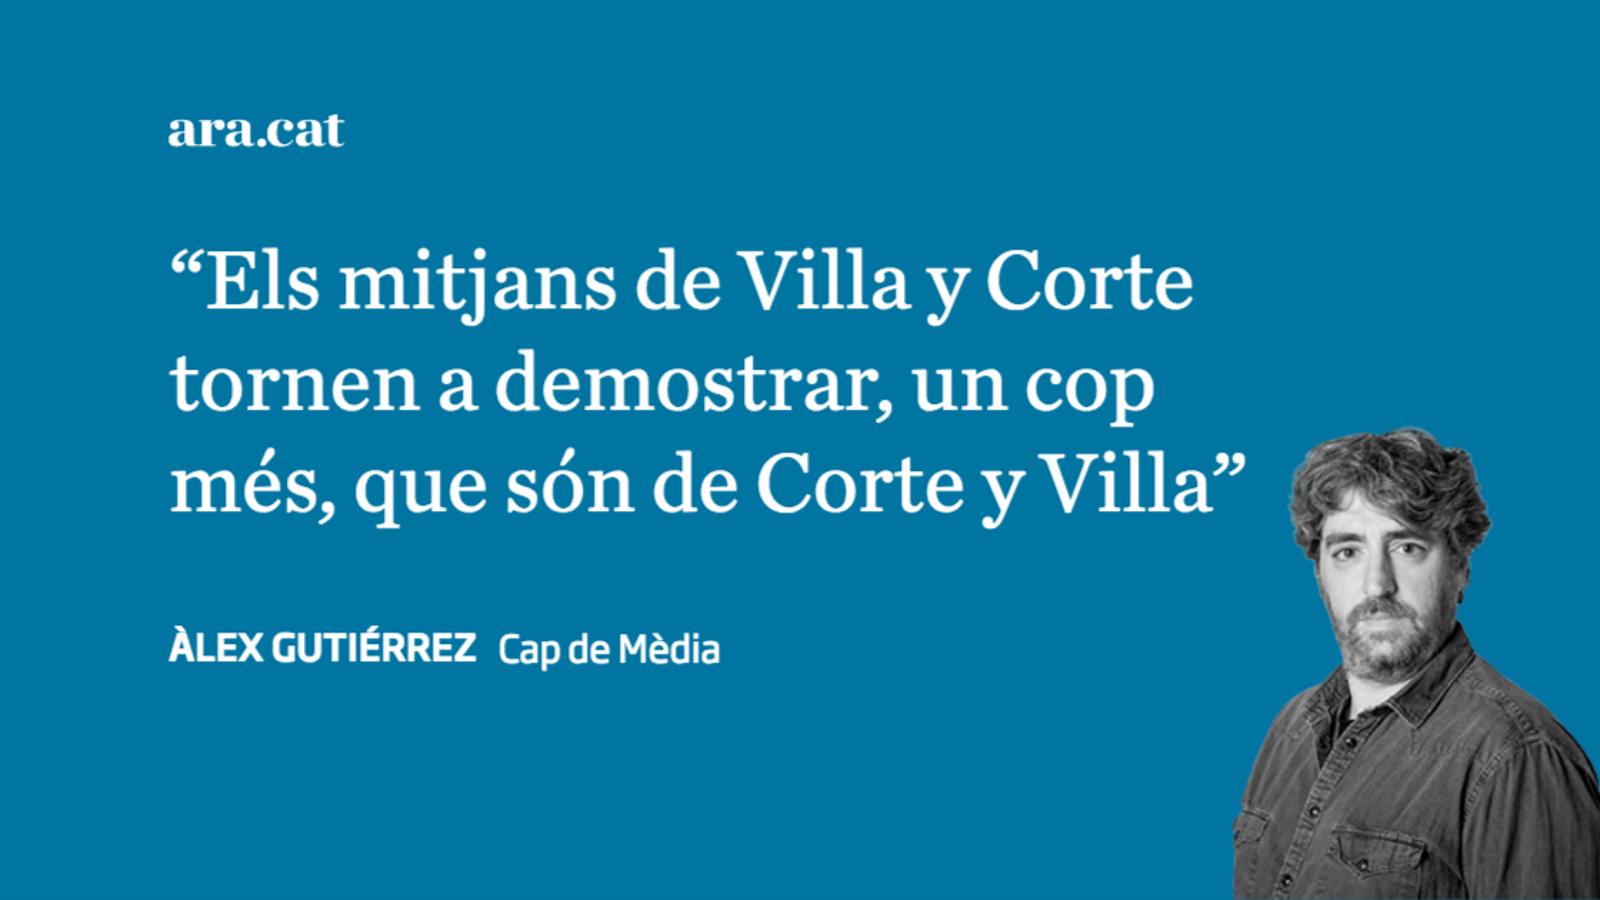 Joan Carles i el caríssim bitllet d'avió per tornar a Madrid